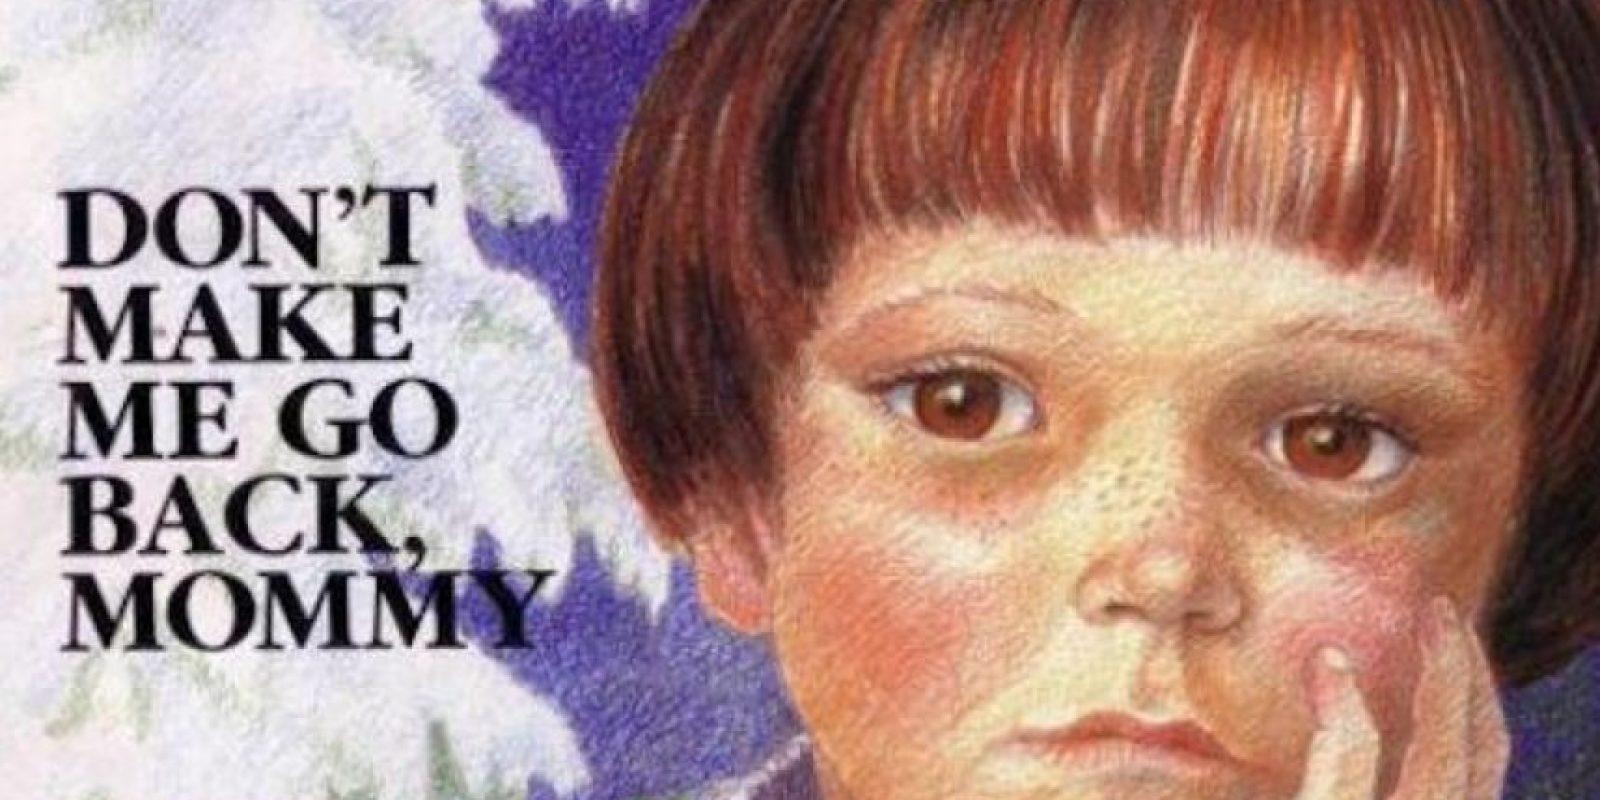 """""""No me hagas volver, mamá"""", es un libro infantil de un niño usado para… ¡rituales satánicos! Fue publicado en 1990 por Doris Sanford. Foto:vía Goodreads.com"""